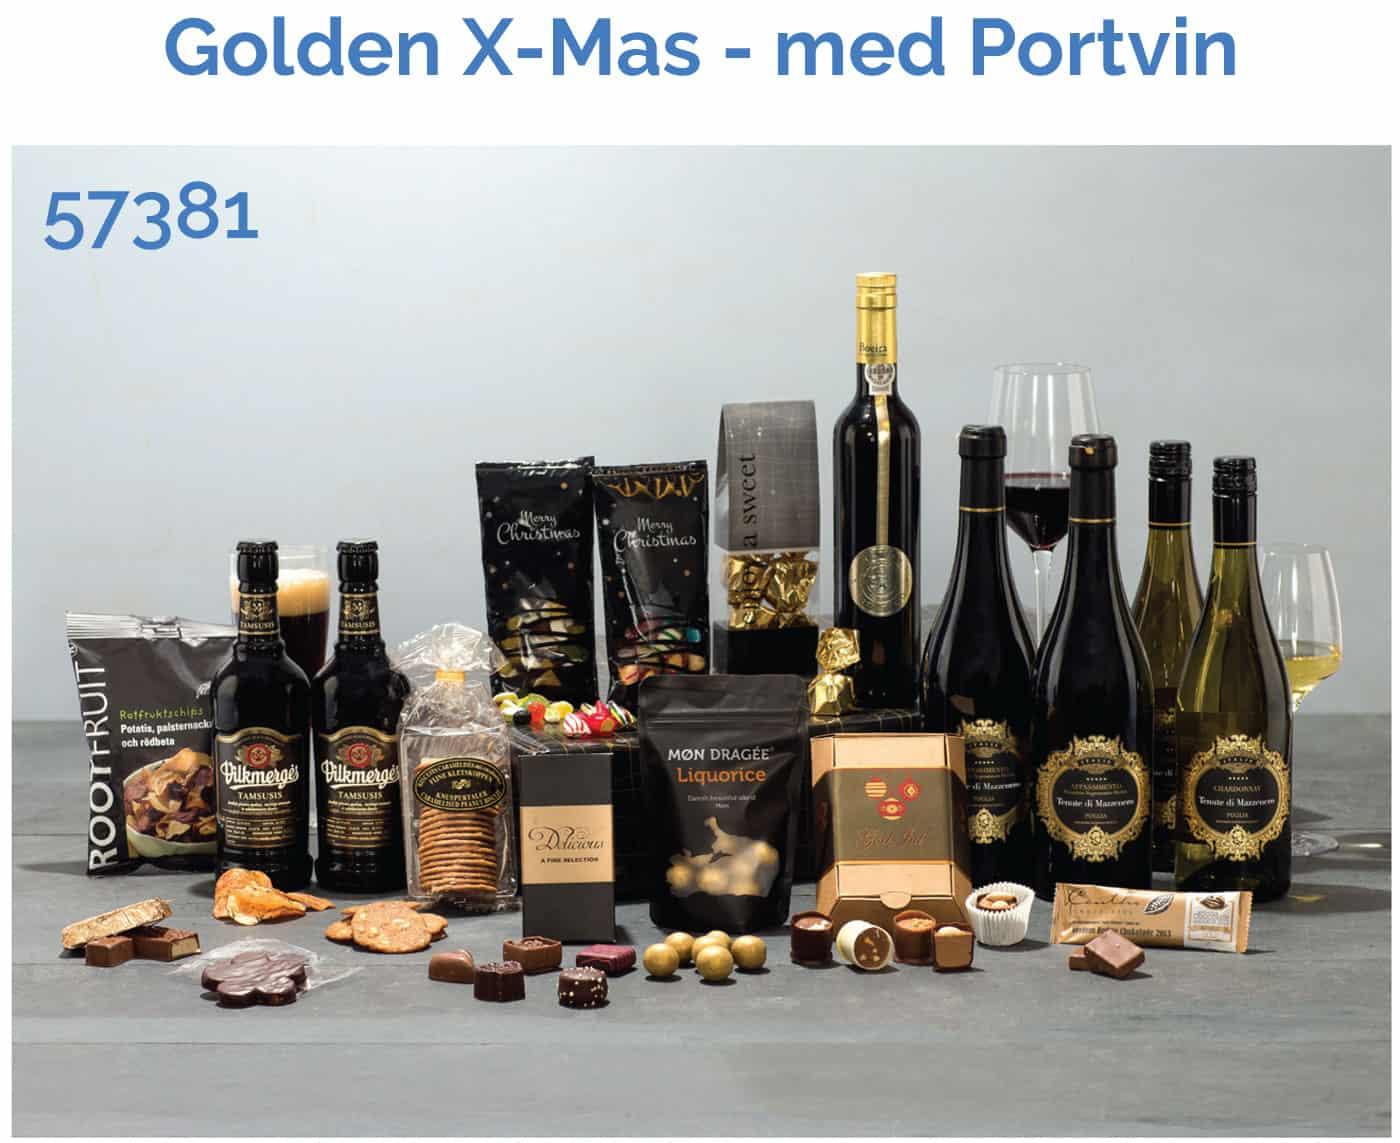 Golden christmas - Portvin